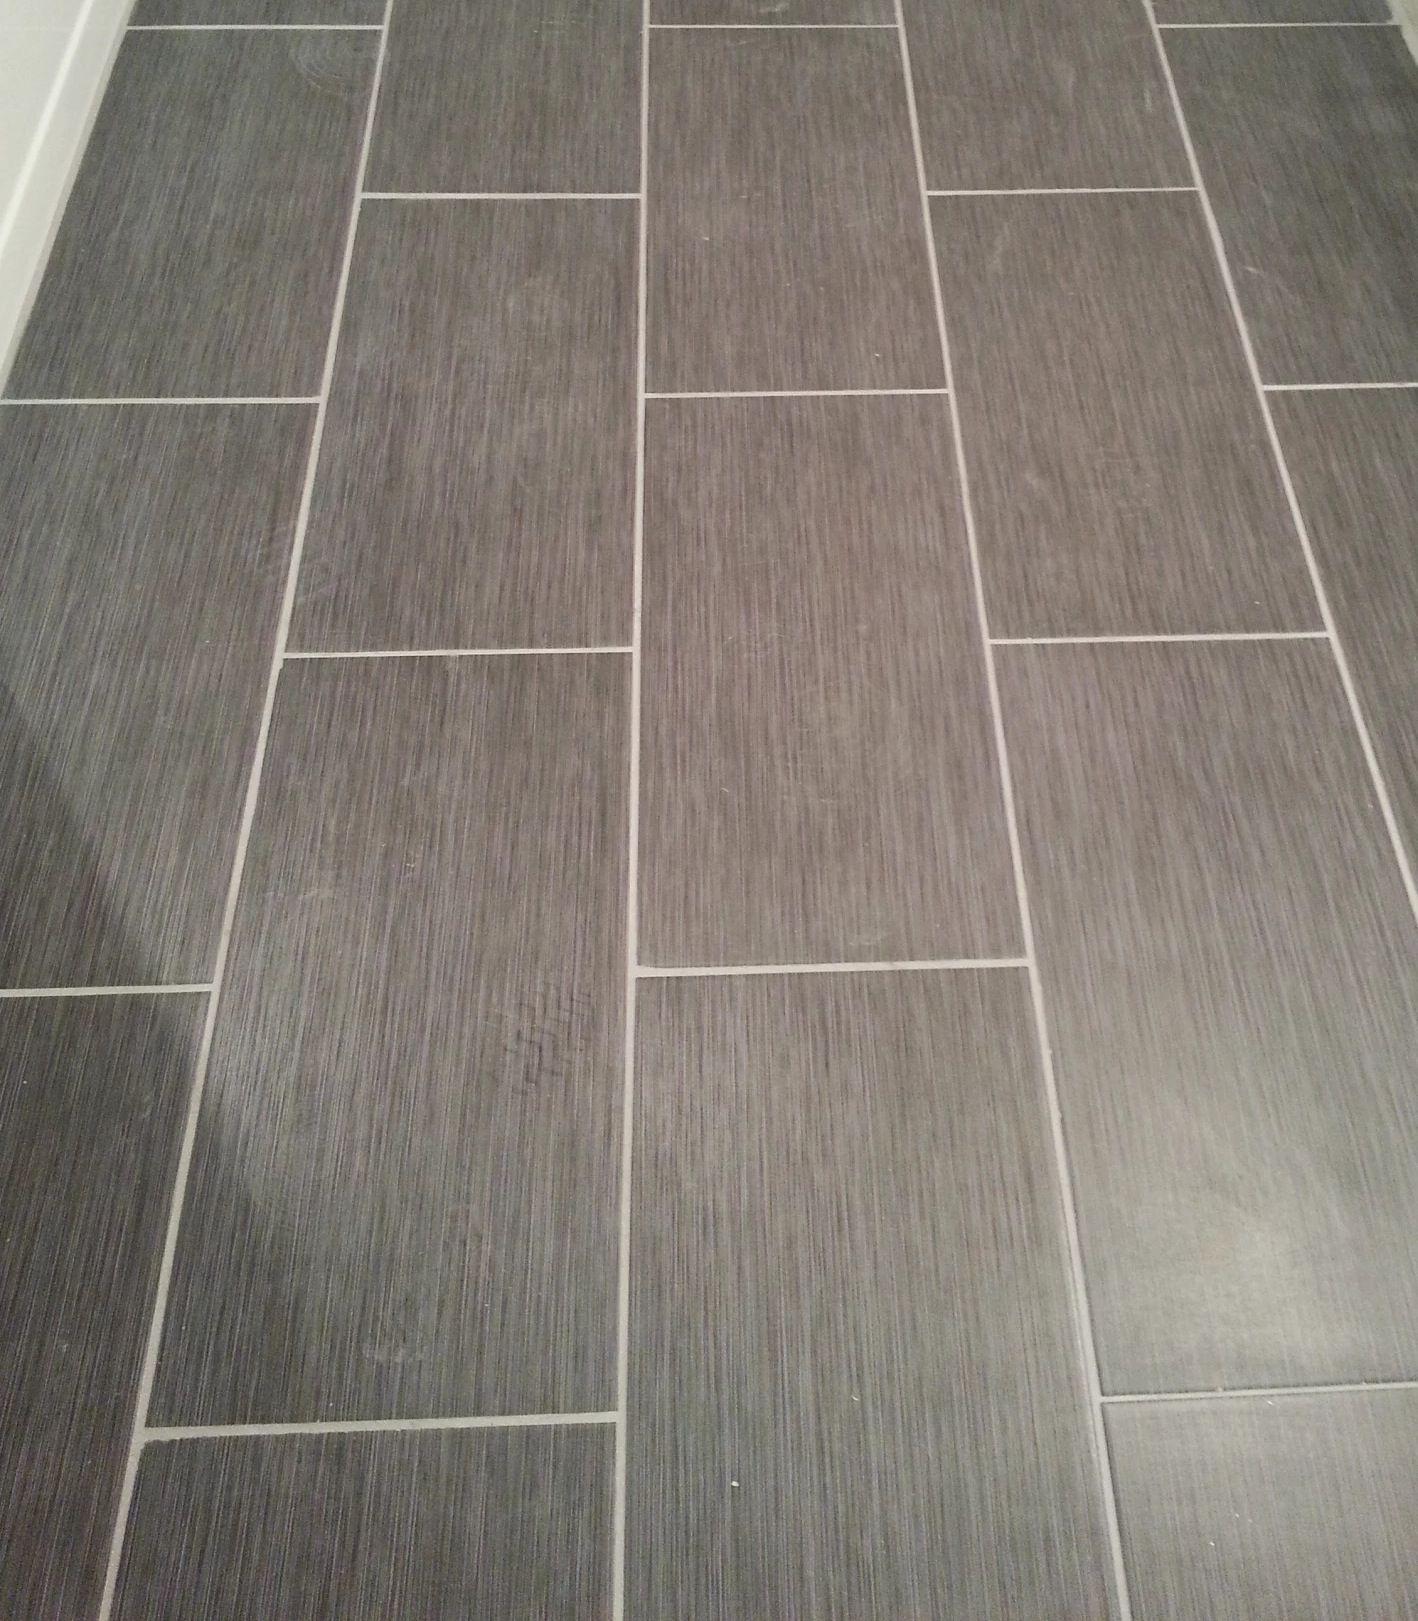 Kitchen Floor Tiles Home Depot Amazon Cabinets Metro Gris 12x24 Tile In My Bathroom